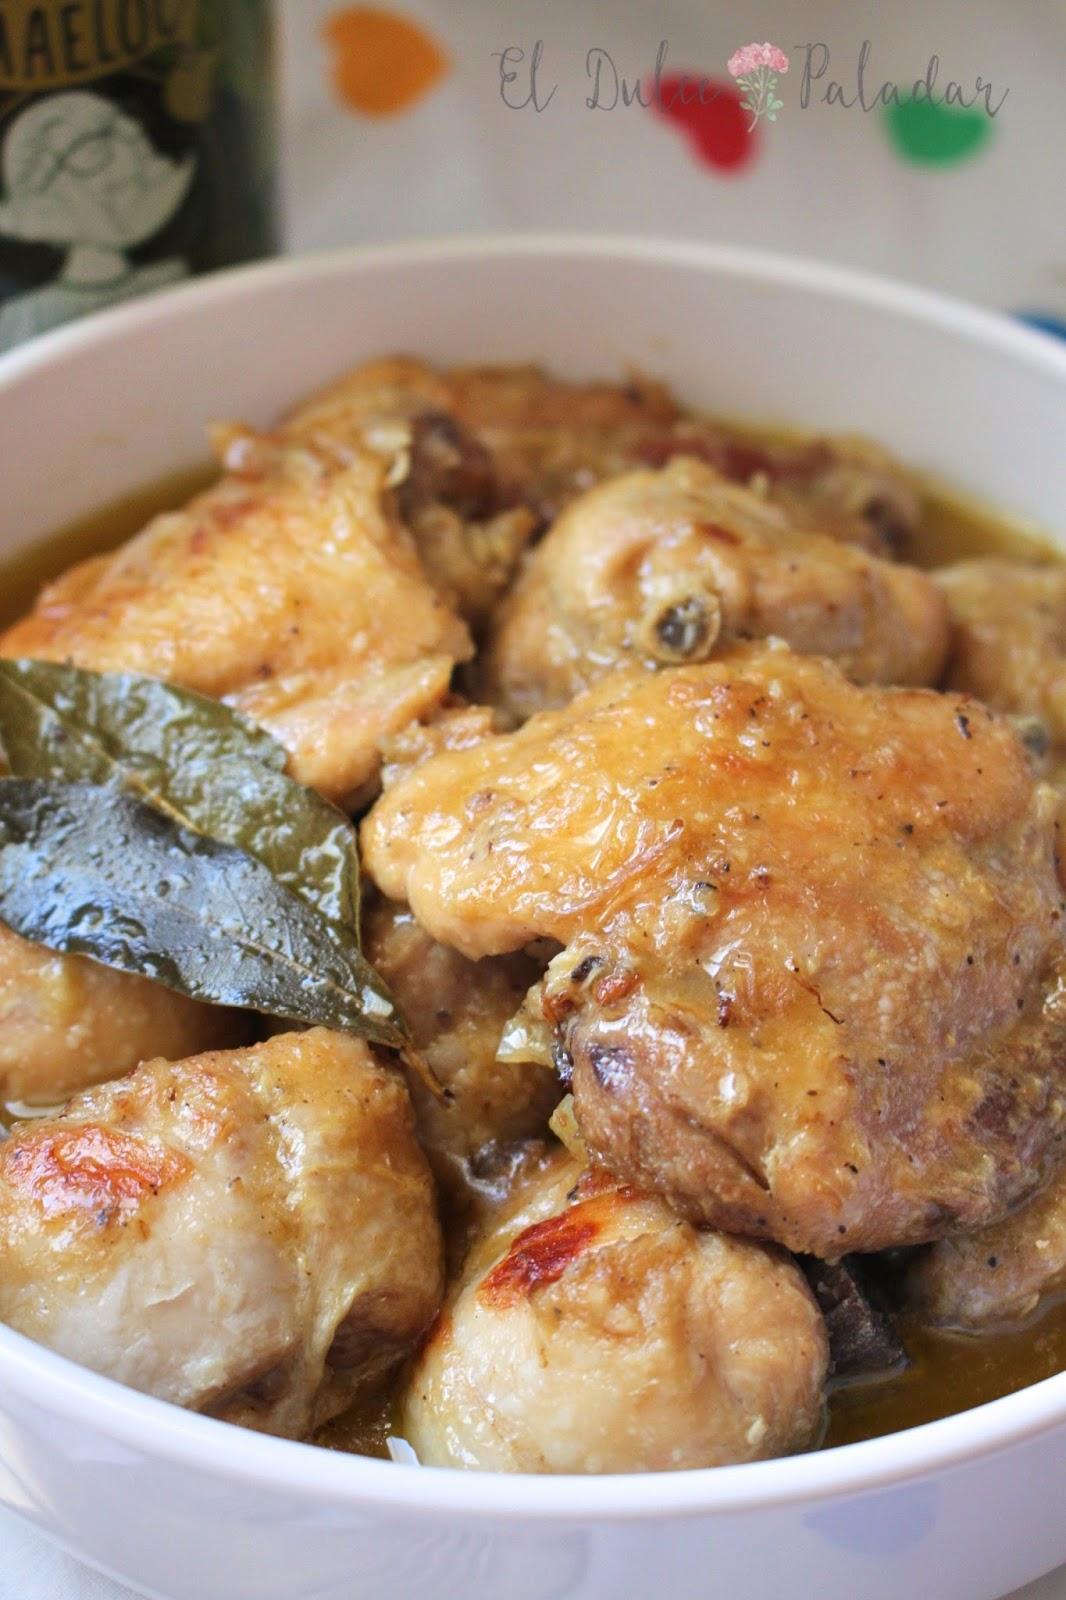 Pollo Guisado Muy Fácil El Dulce Paladar